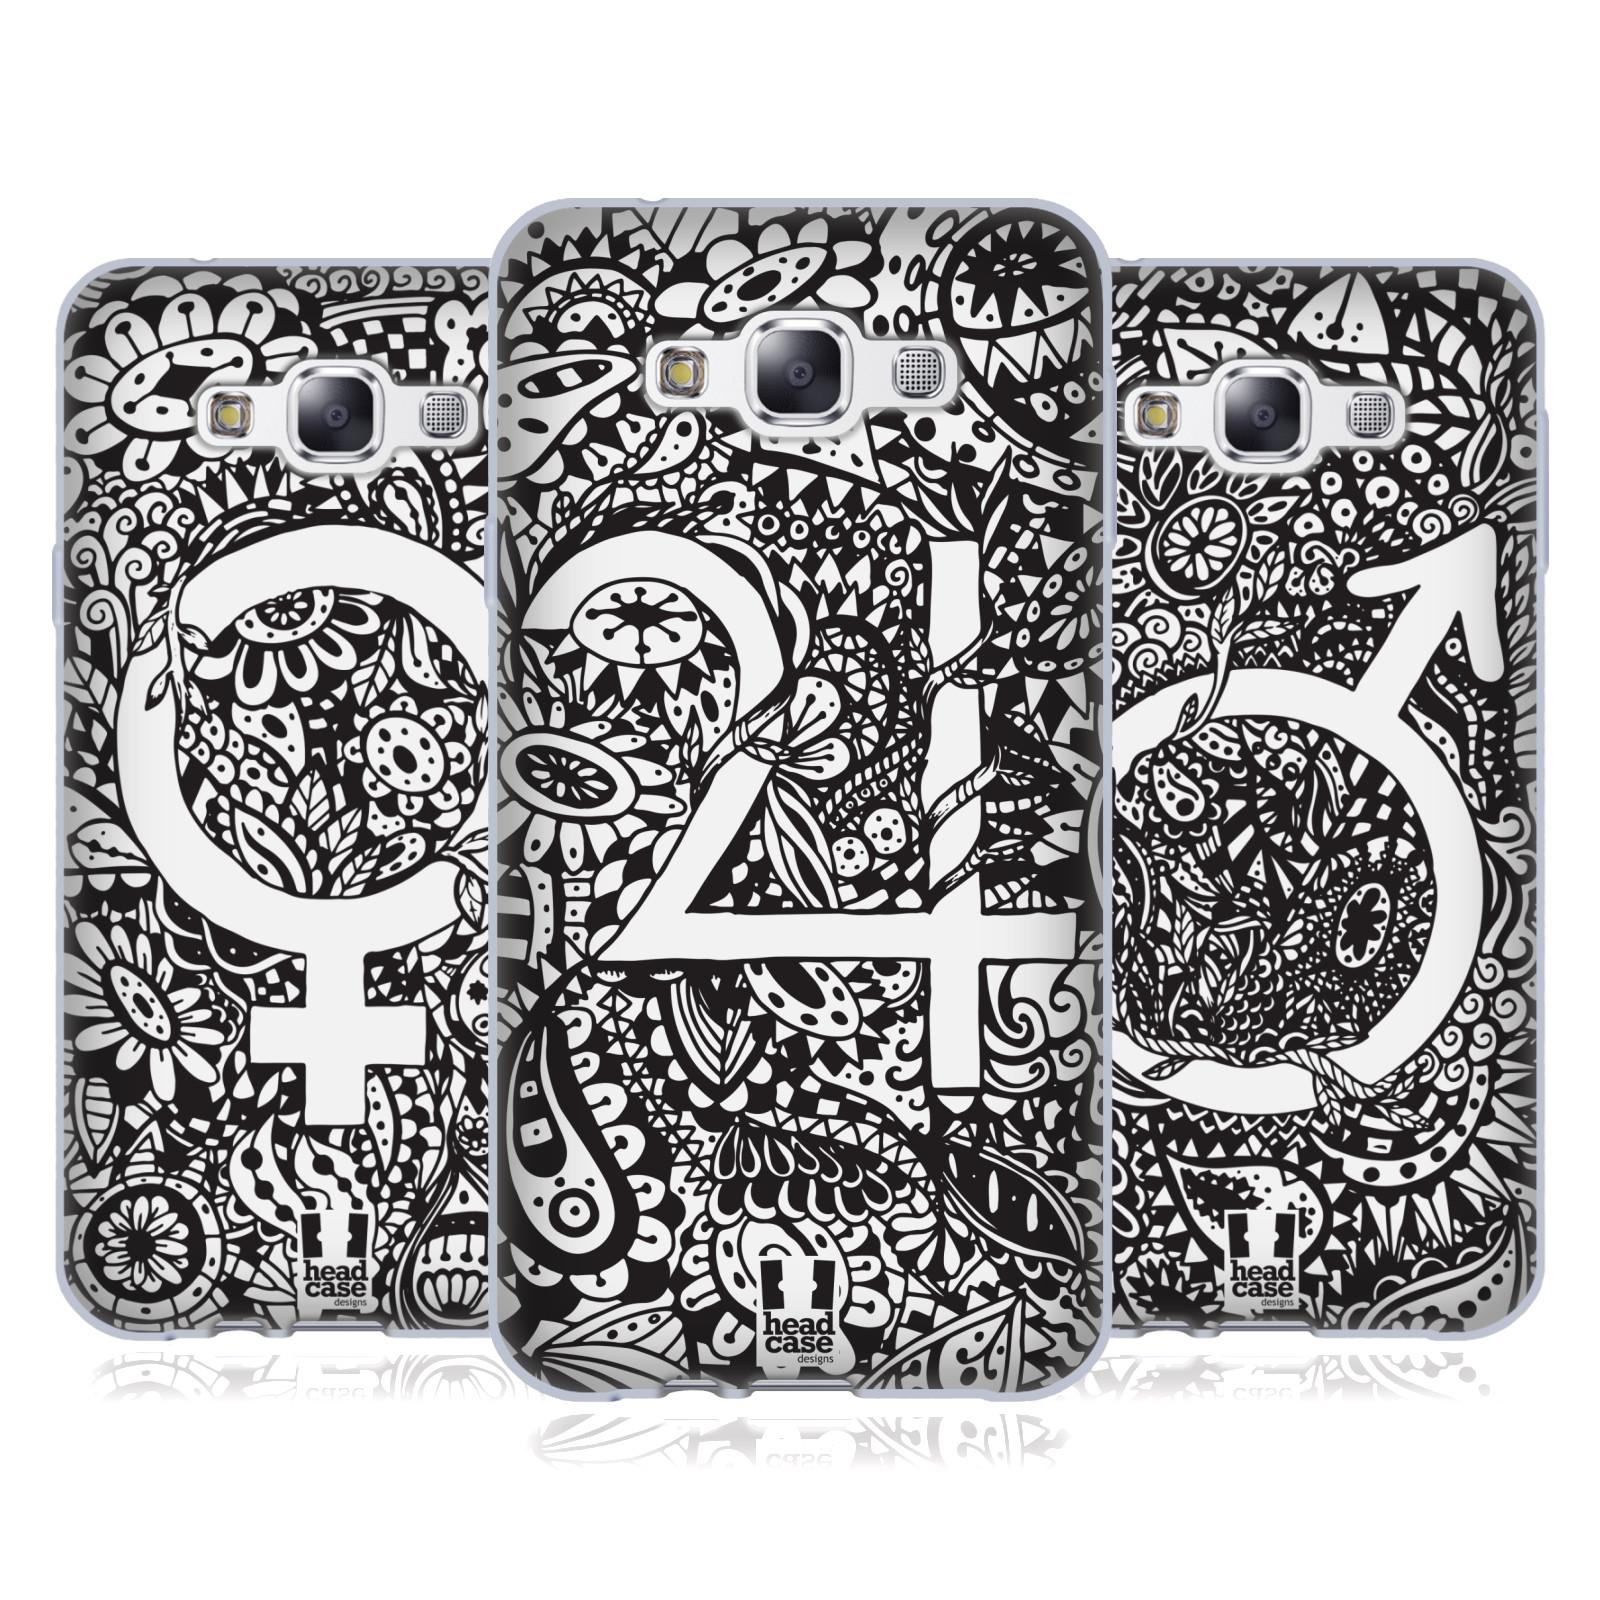 HEAD-CASE-DESIGNS-MYTHICAL-SYMBOLS-SOFT-GEL-CASE-FOR-SAMSUNG-PHONES-3